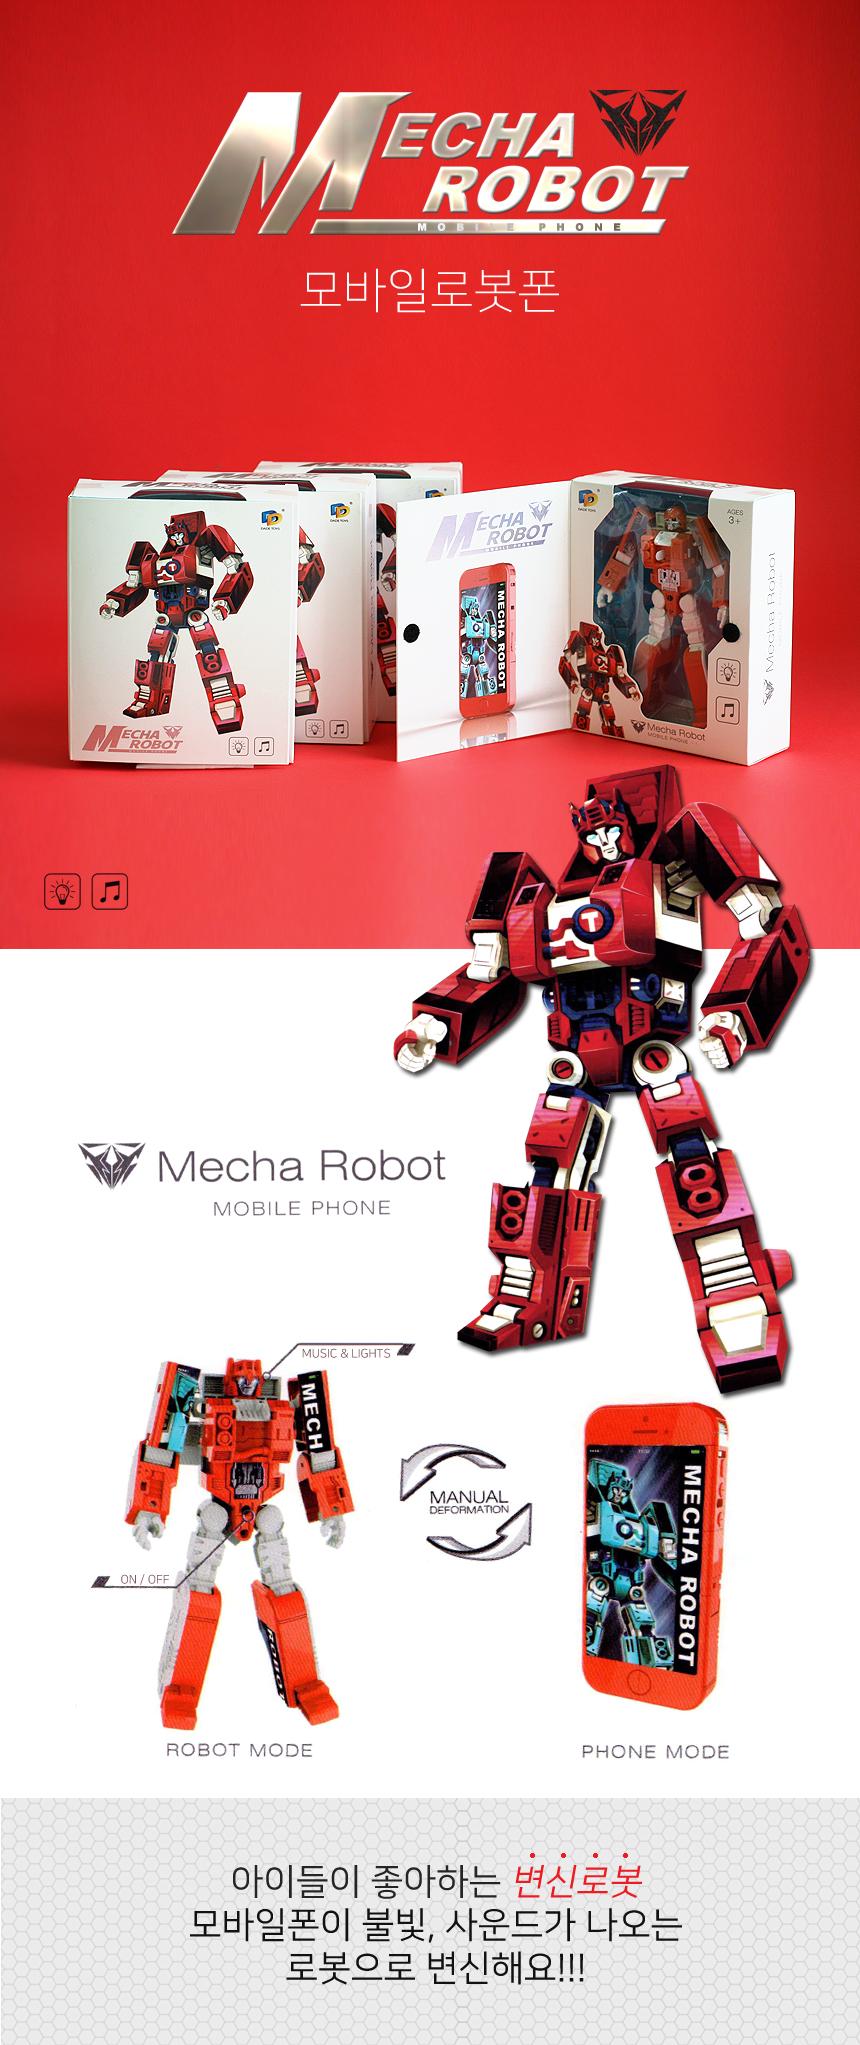 mecha_robot_01.jpg